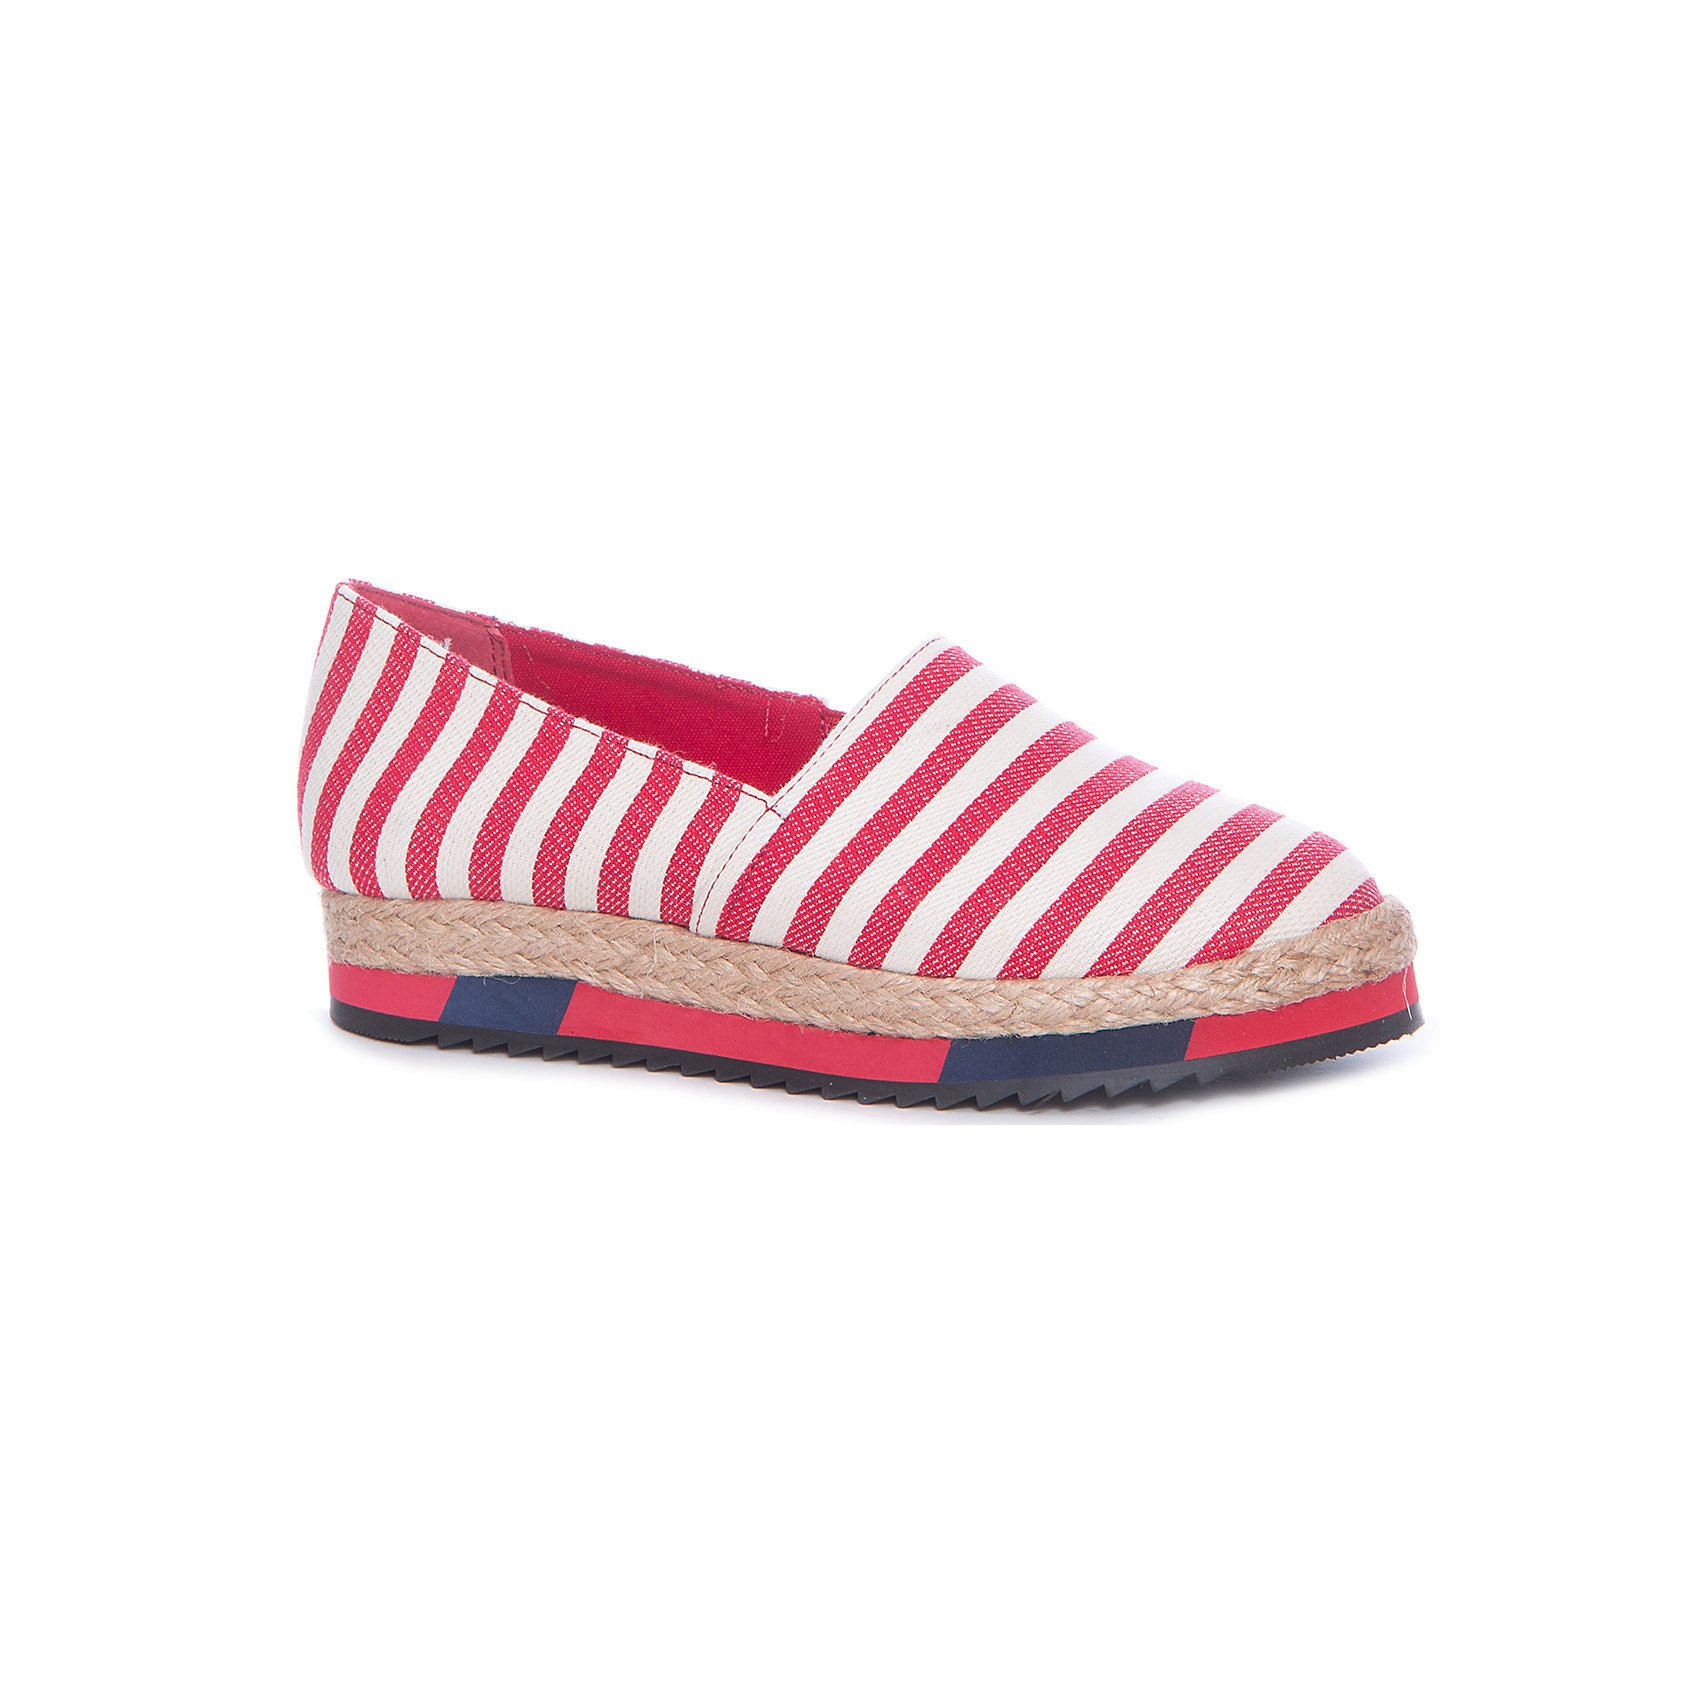 Слипоны для девочки BETSY, красный в полоскуСлипоны<br>Характеристики товара:<br><br>• цвет: красный<br>• материал верха: текстиль<br>• стелька: текстиль<br>• подошва: резина<br>• сезон: лето<br>• коллекция: весна-лето 2017<br>• страна бренда: Великобритания<br>• страна производства: Китай<br><br>Обувь от лондонского бренда BETSY (Бетси) уже завоевала популярность у взрослых и детей в нашей стране. <br><br>Для производства этой обуви используются только проверенные, качественные материалы и фурнитура. <br><br>Порадуйте ребенка комфортными и современными вещами от BETSY! <br><br>Туфли для девочки от британского бренда BETSY (Бетси) можно купить в нашем интернет-магазине.<br><br>Ширина мм: 262<br>Глубина мм: 176<br>Высота мм: 97<br>Вес г: 427<br>Цвет: красный/белый<br>Возраст от месяцев: 108<br>Возраст до месяцев: 120<br>Пол: Женский<br>Возраст: Детский<br>Размер: 33,38,34,35,36,37<br>SKU: 5451075